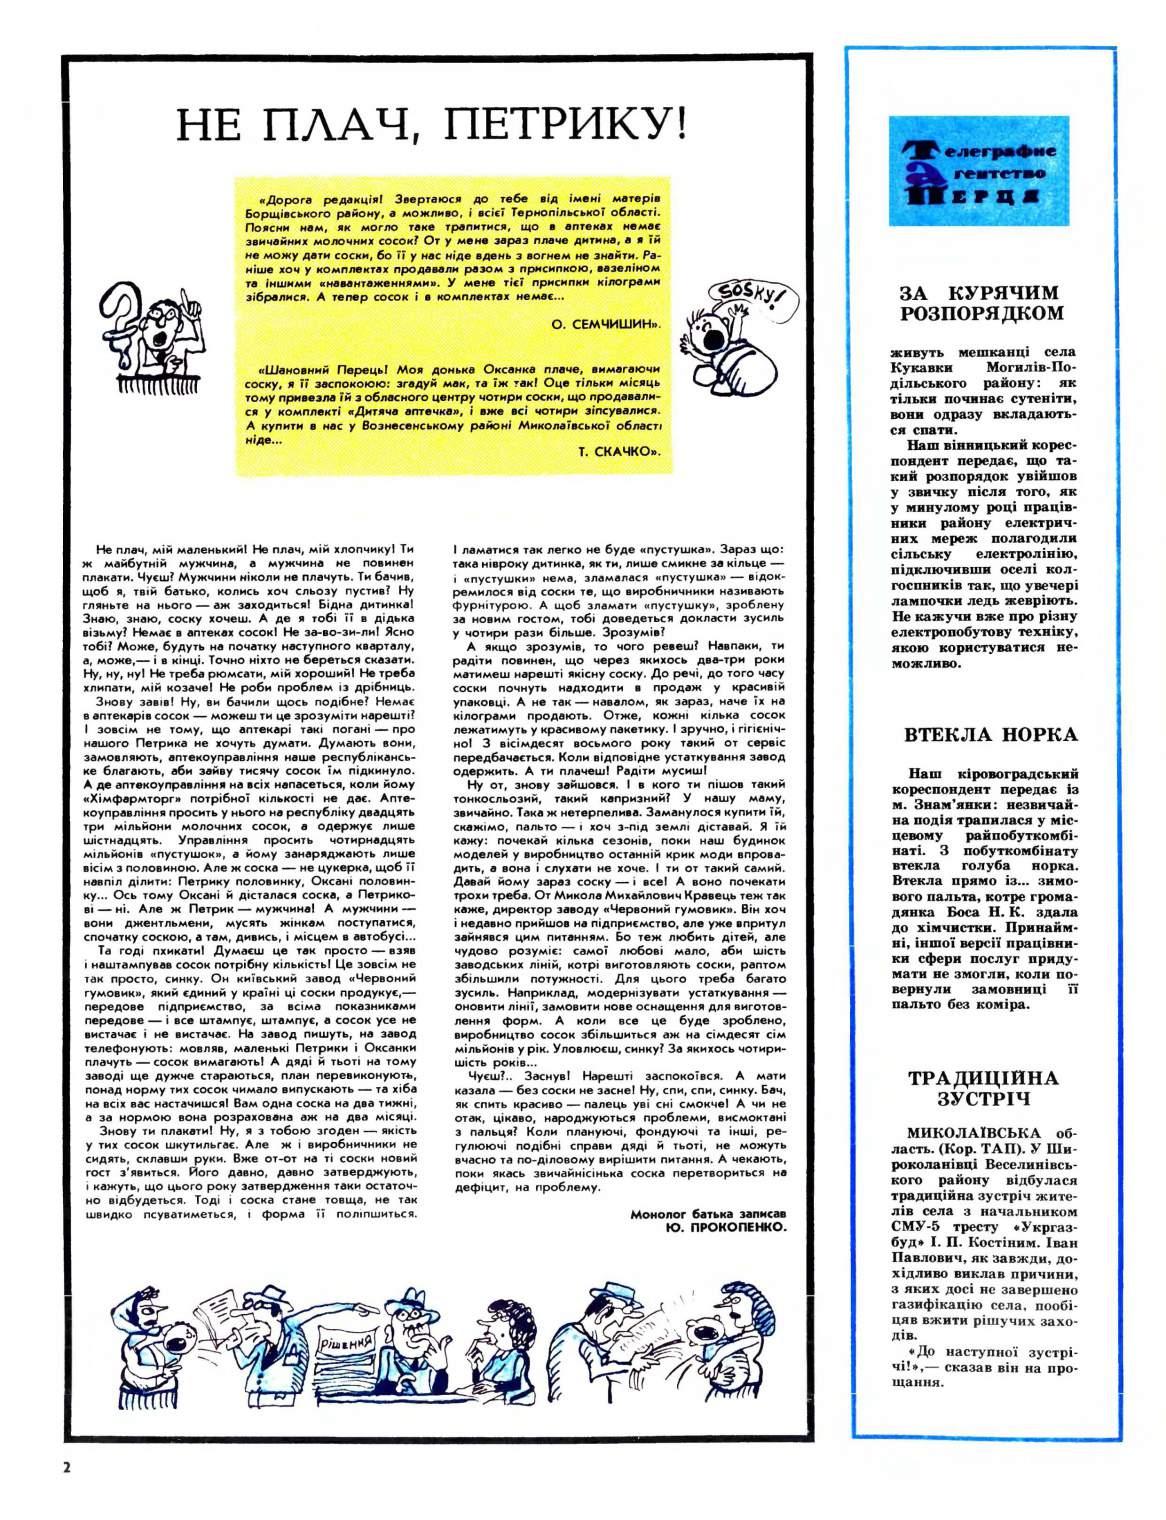 Журнал перець 1986 №02